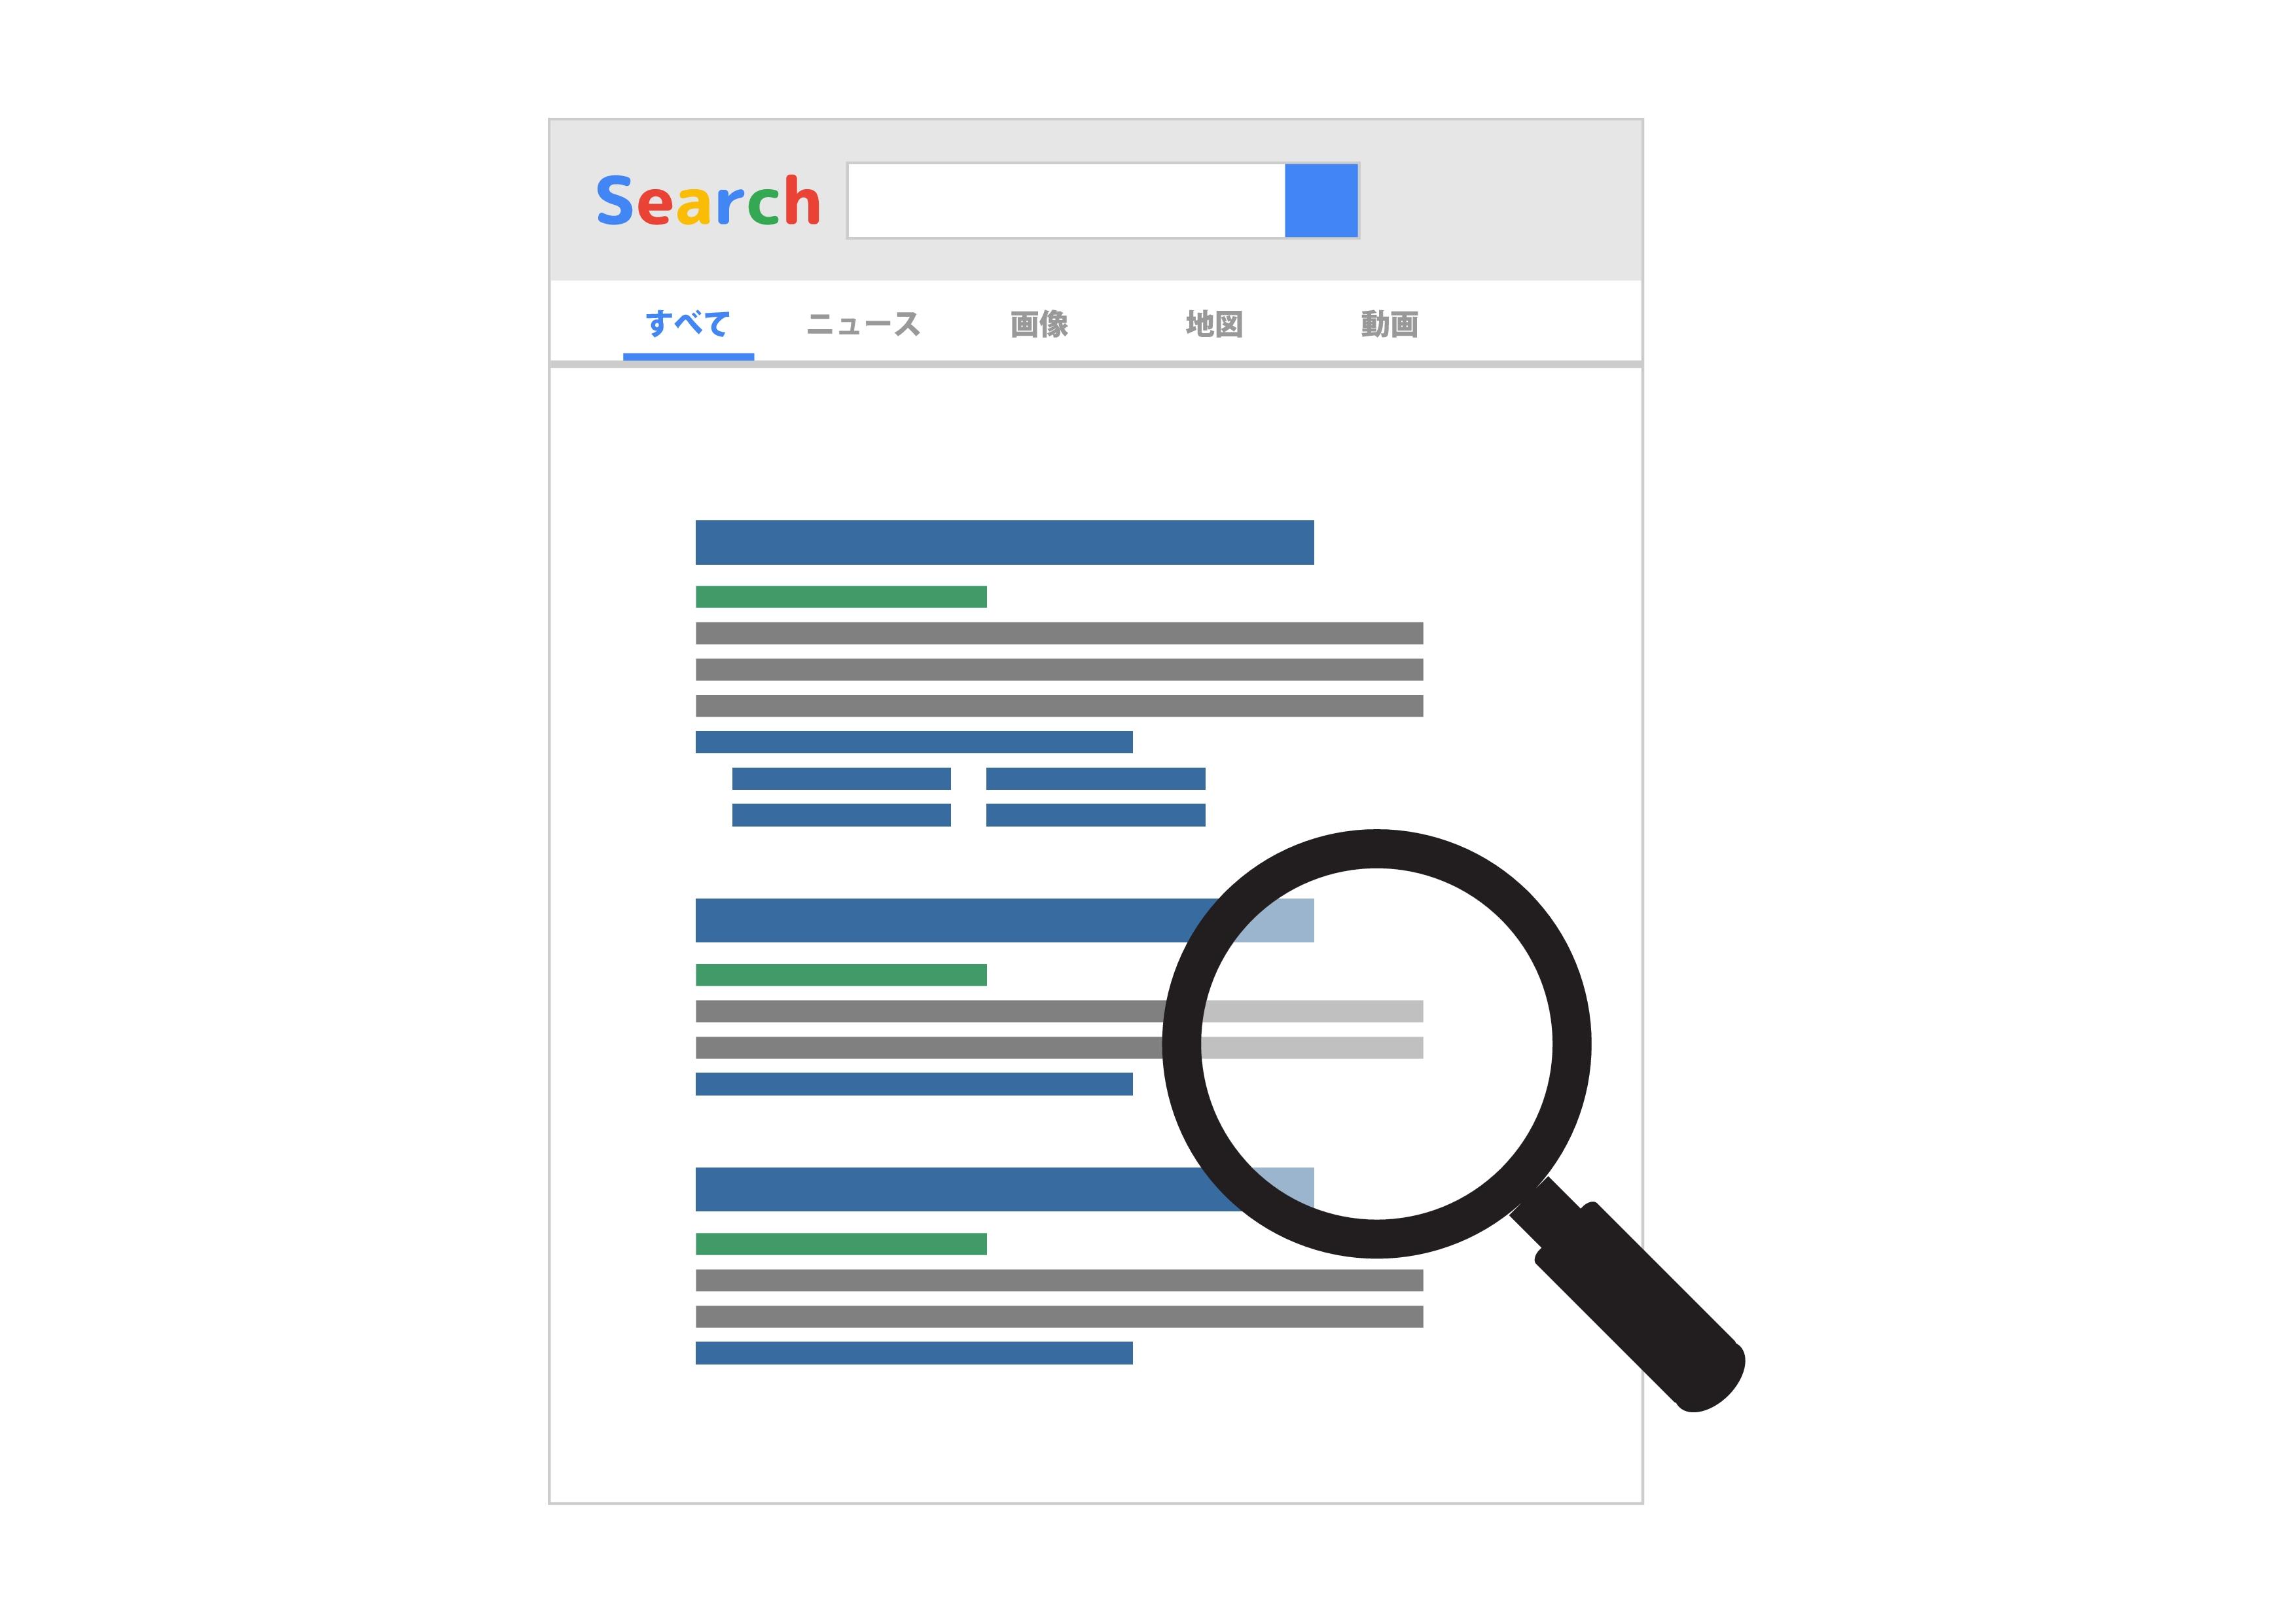 Googleの検索エンジンのイメージ